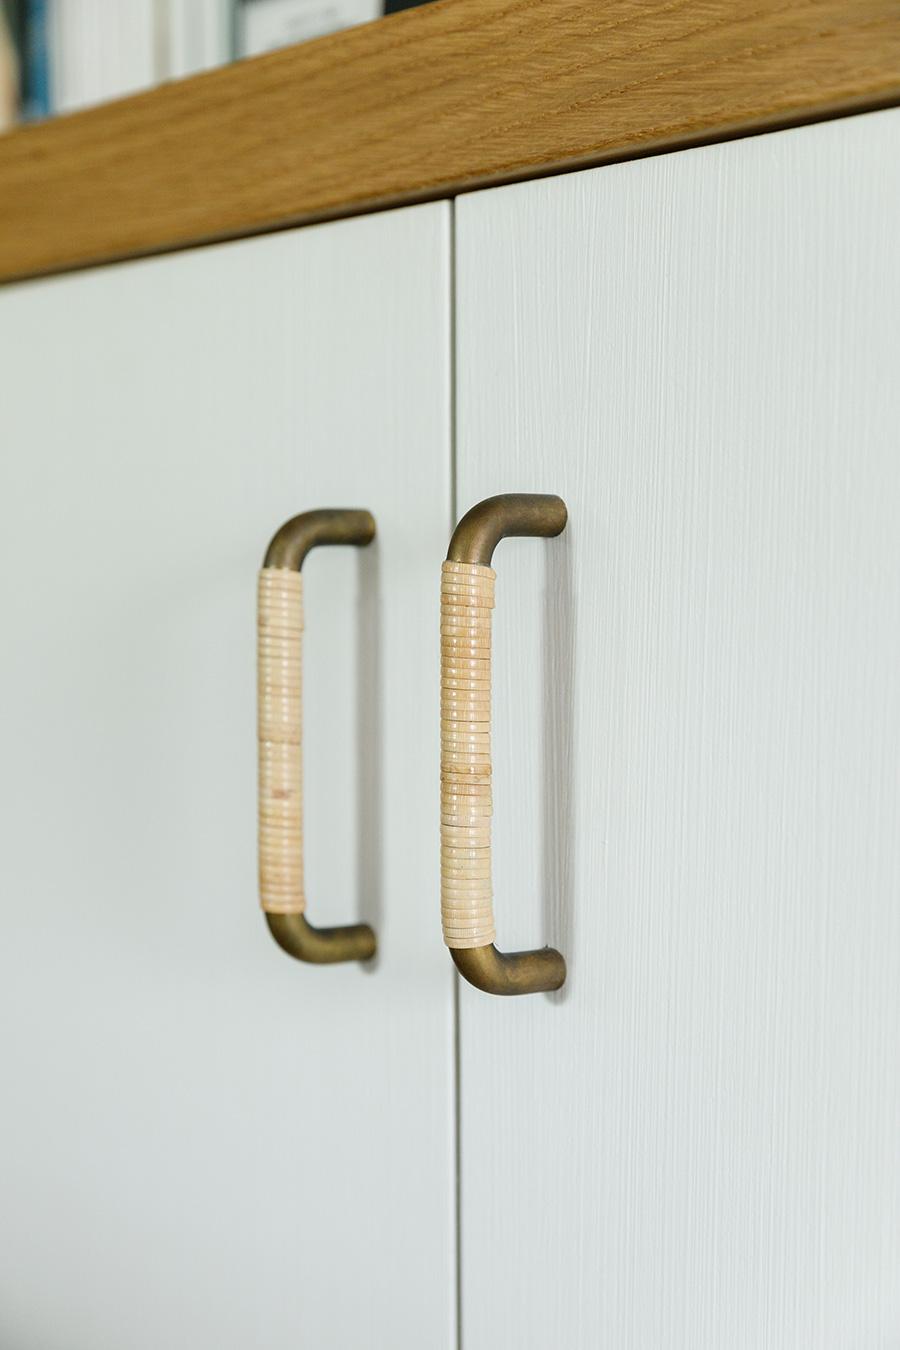 収納棚の取っ手は真鍮に藤を巻いたもの。細かい部分まで気を配る、ものづくりの信念が感じられる。